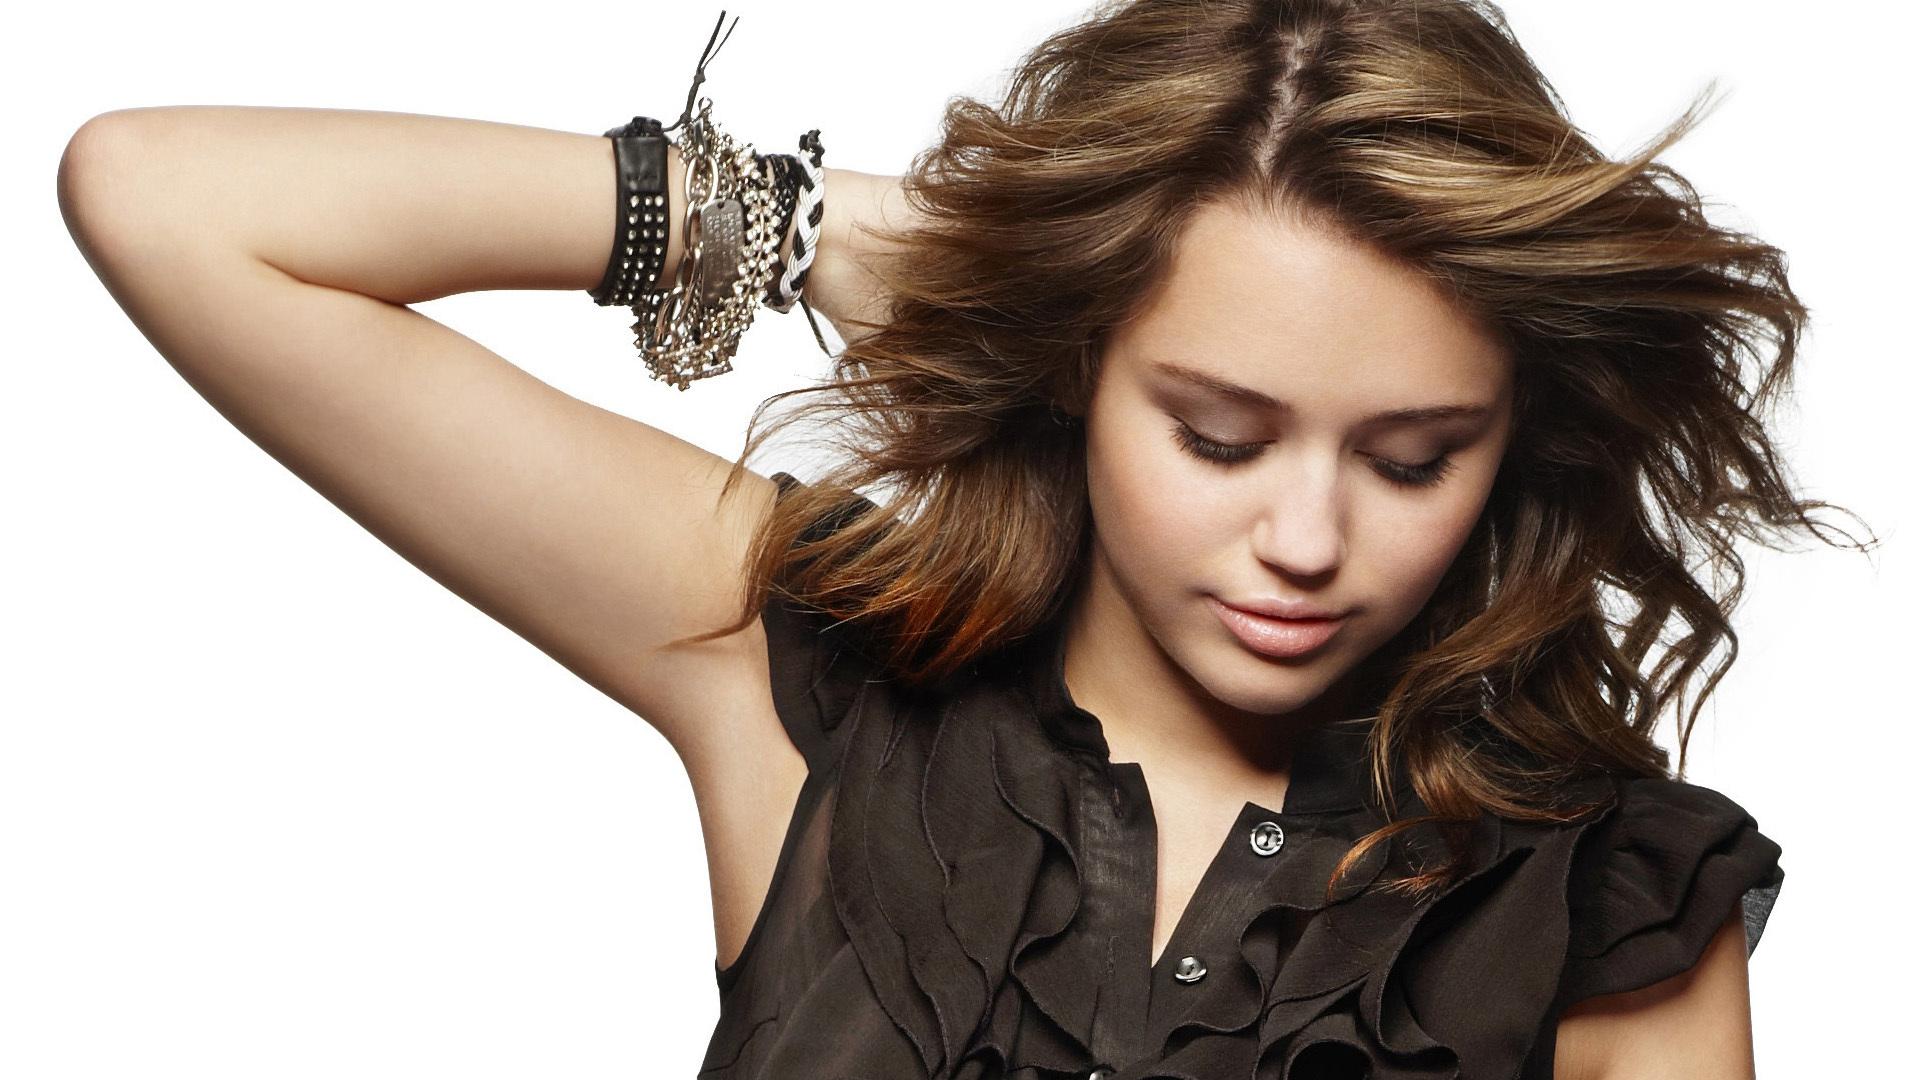 Miley Cyrus 4K